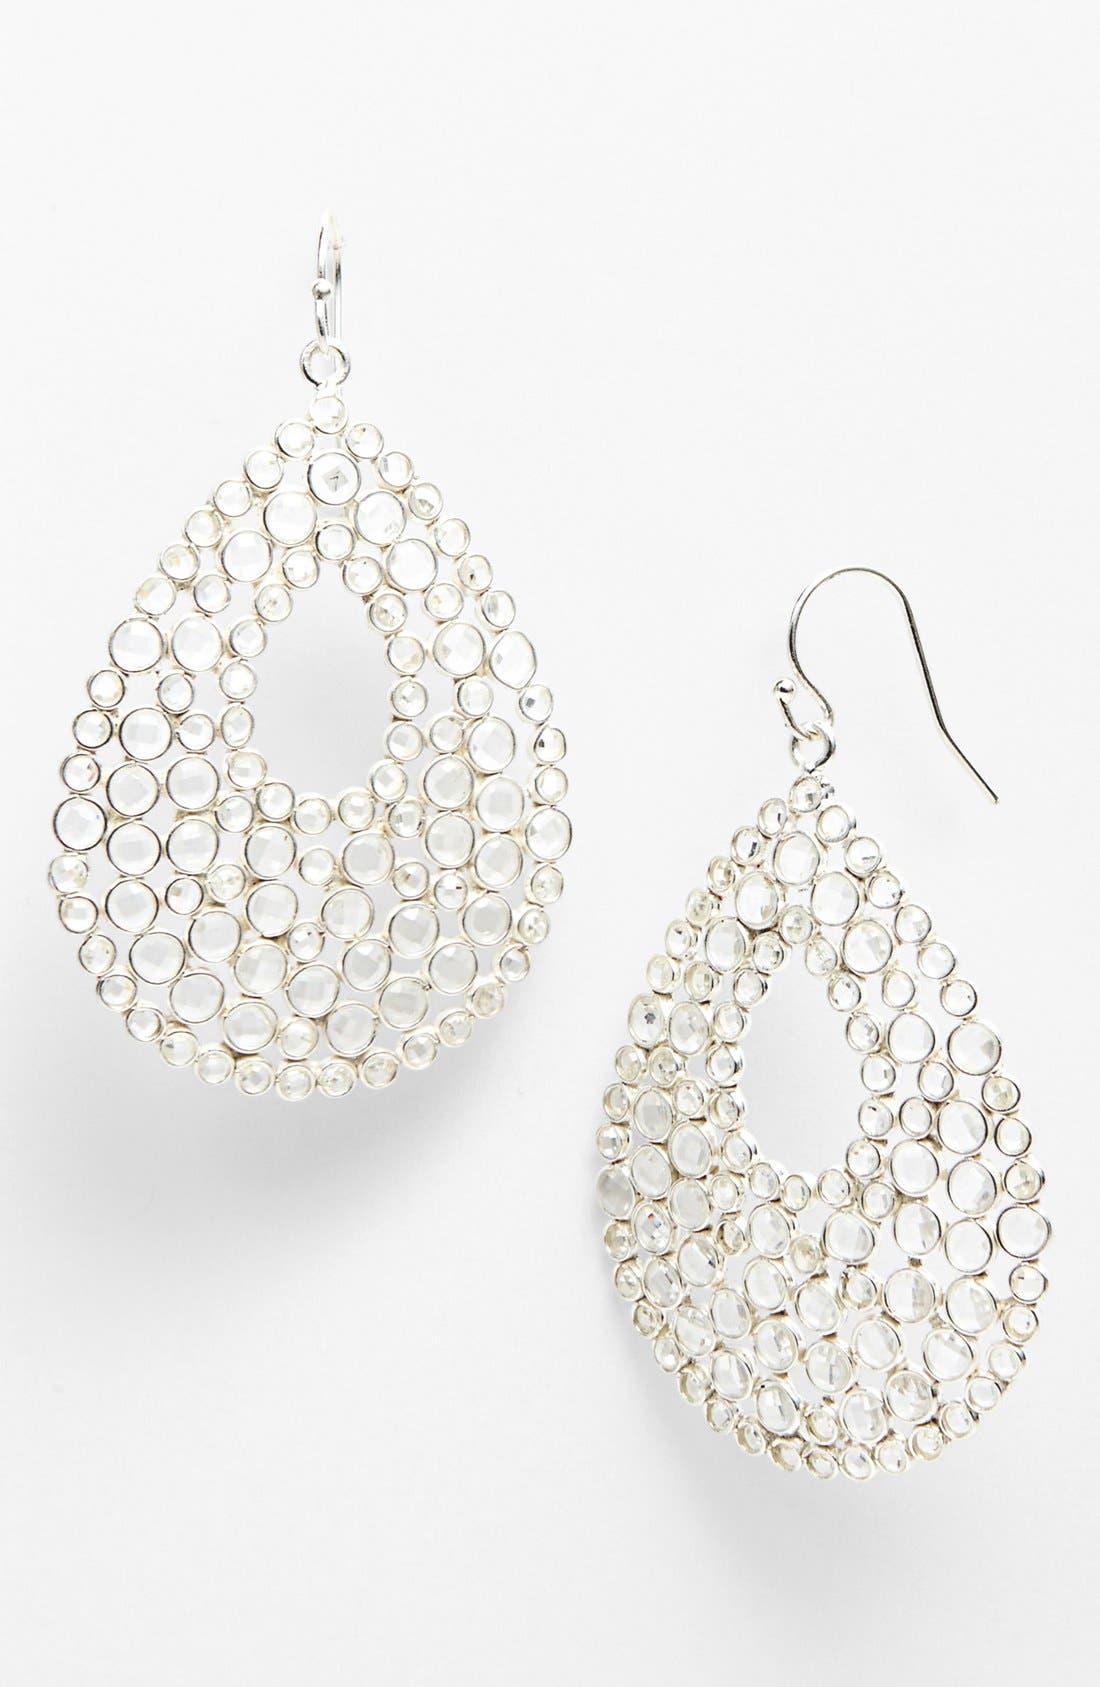 Alternate Image 1 Selected - NuNu Designs Teardrop Earrings